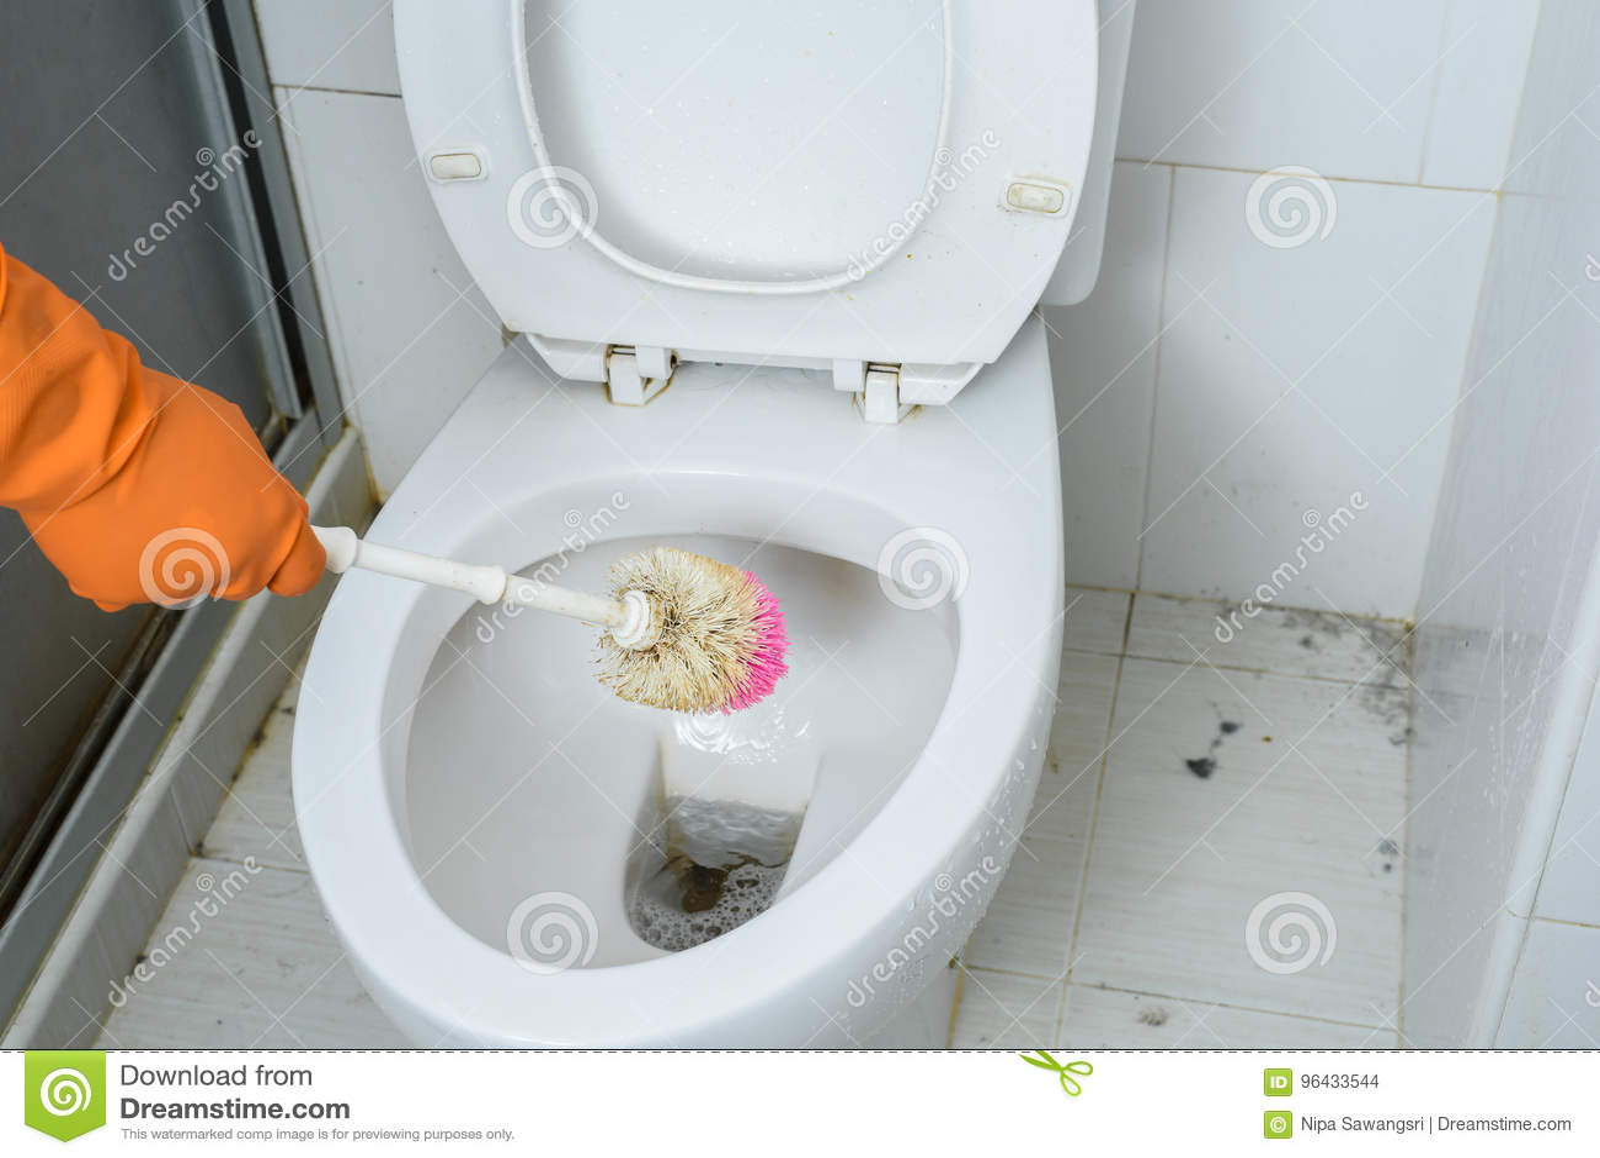 Mani in guanti arancio che puliscono WC, toilette, lavabo facendo uso della spazzola